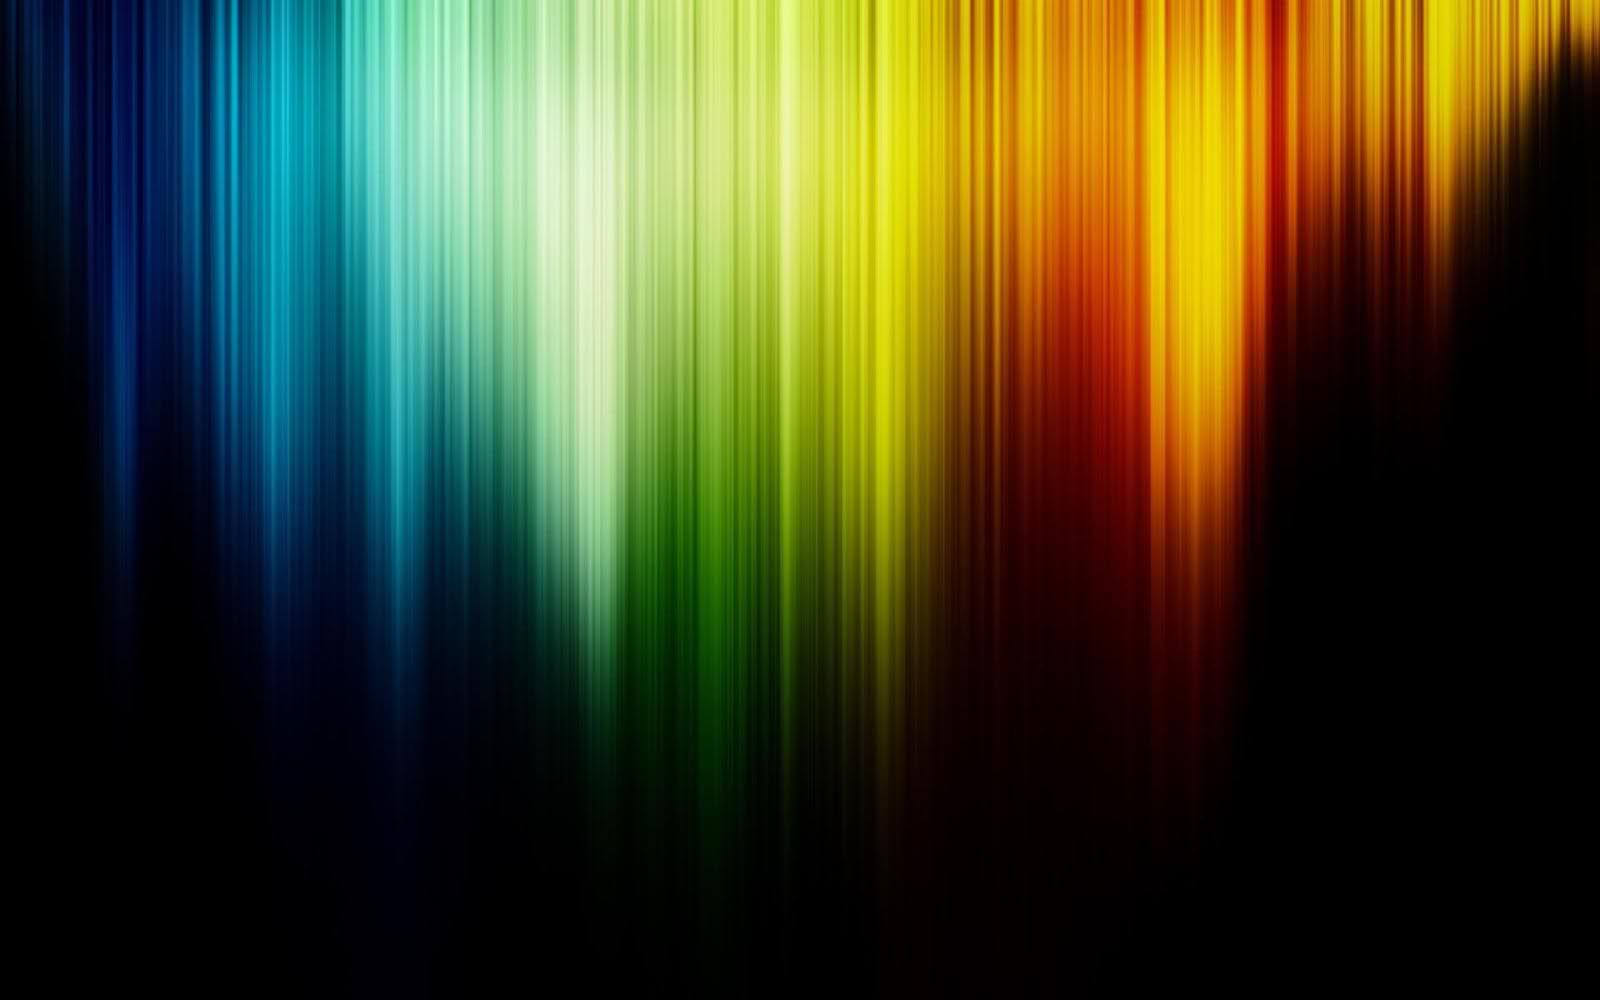 Sfumature Colori Sfondo Cerca Con Google Sfondi Per Computer